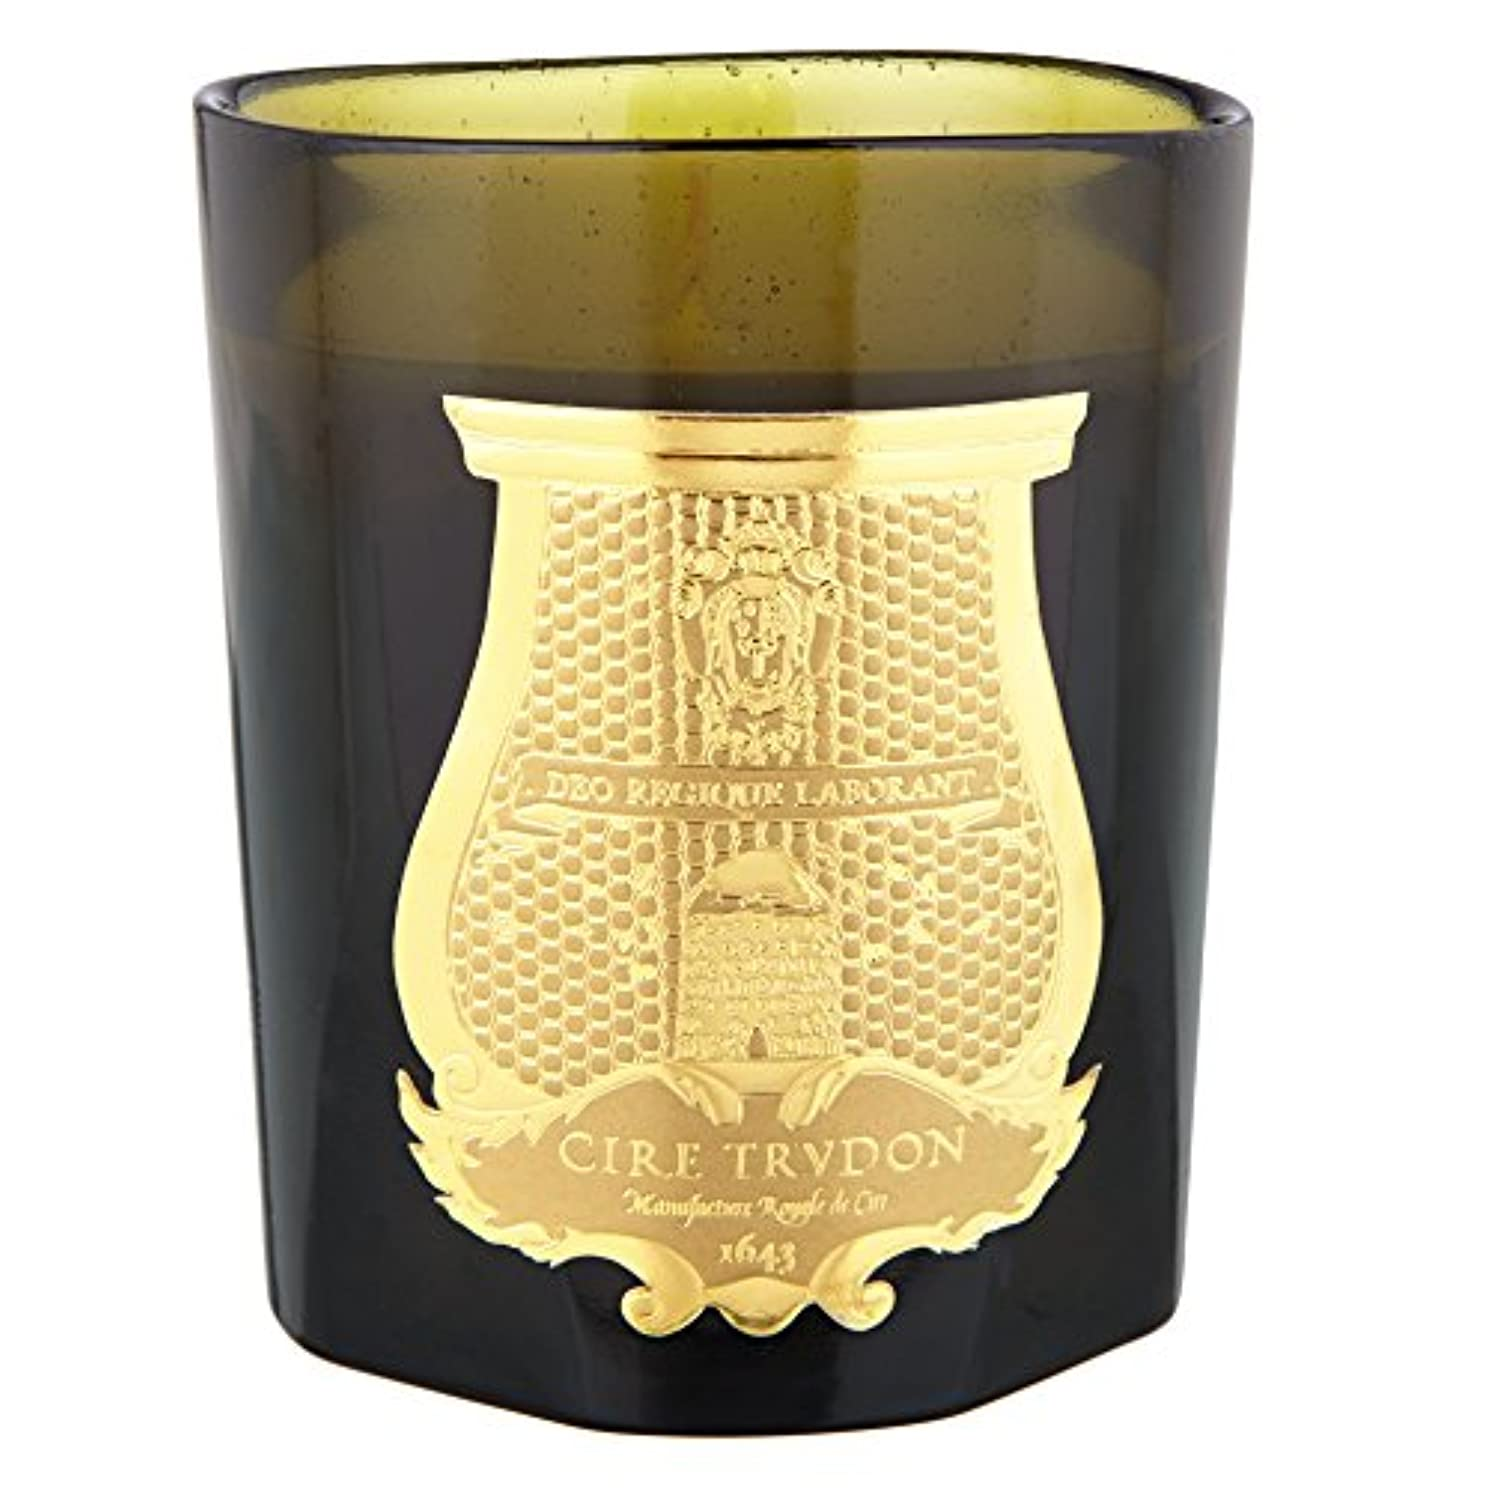 抽選地区痛いCire Trudonソリスレックス香りのキャンドル (Cire Trudon) - Cire Trudon Solis Rex Scented Candle [並行輸入品]